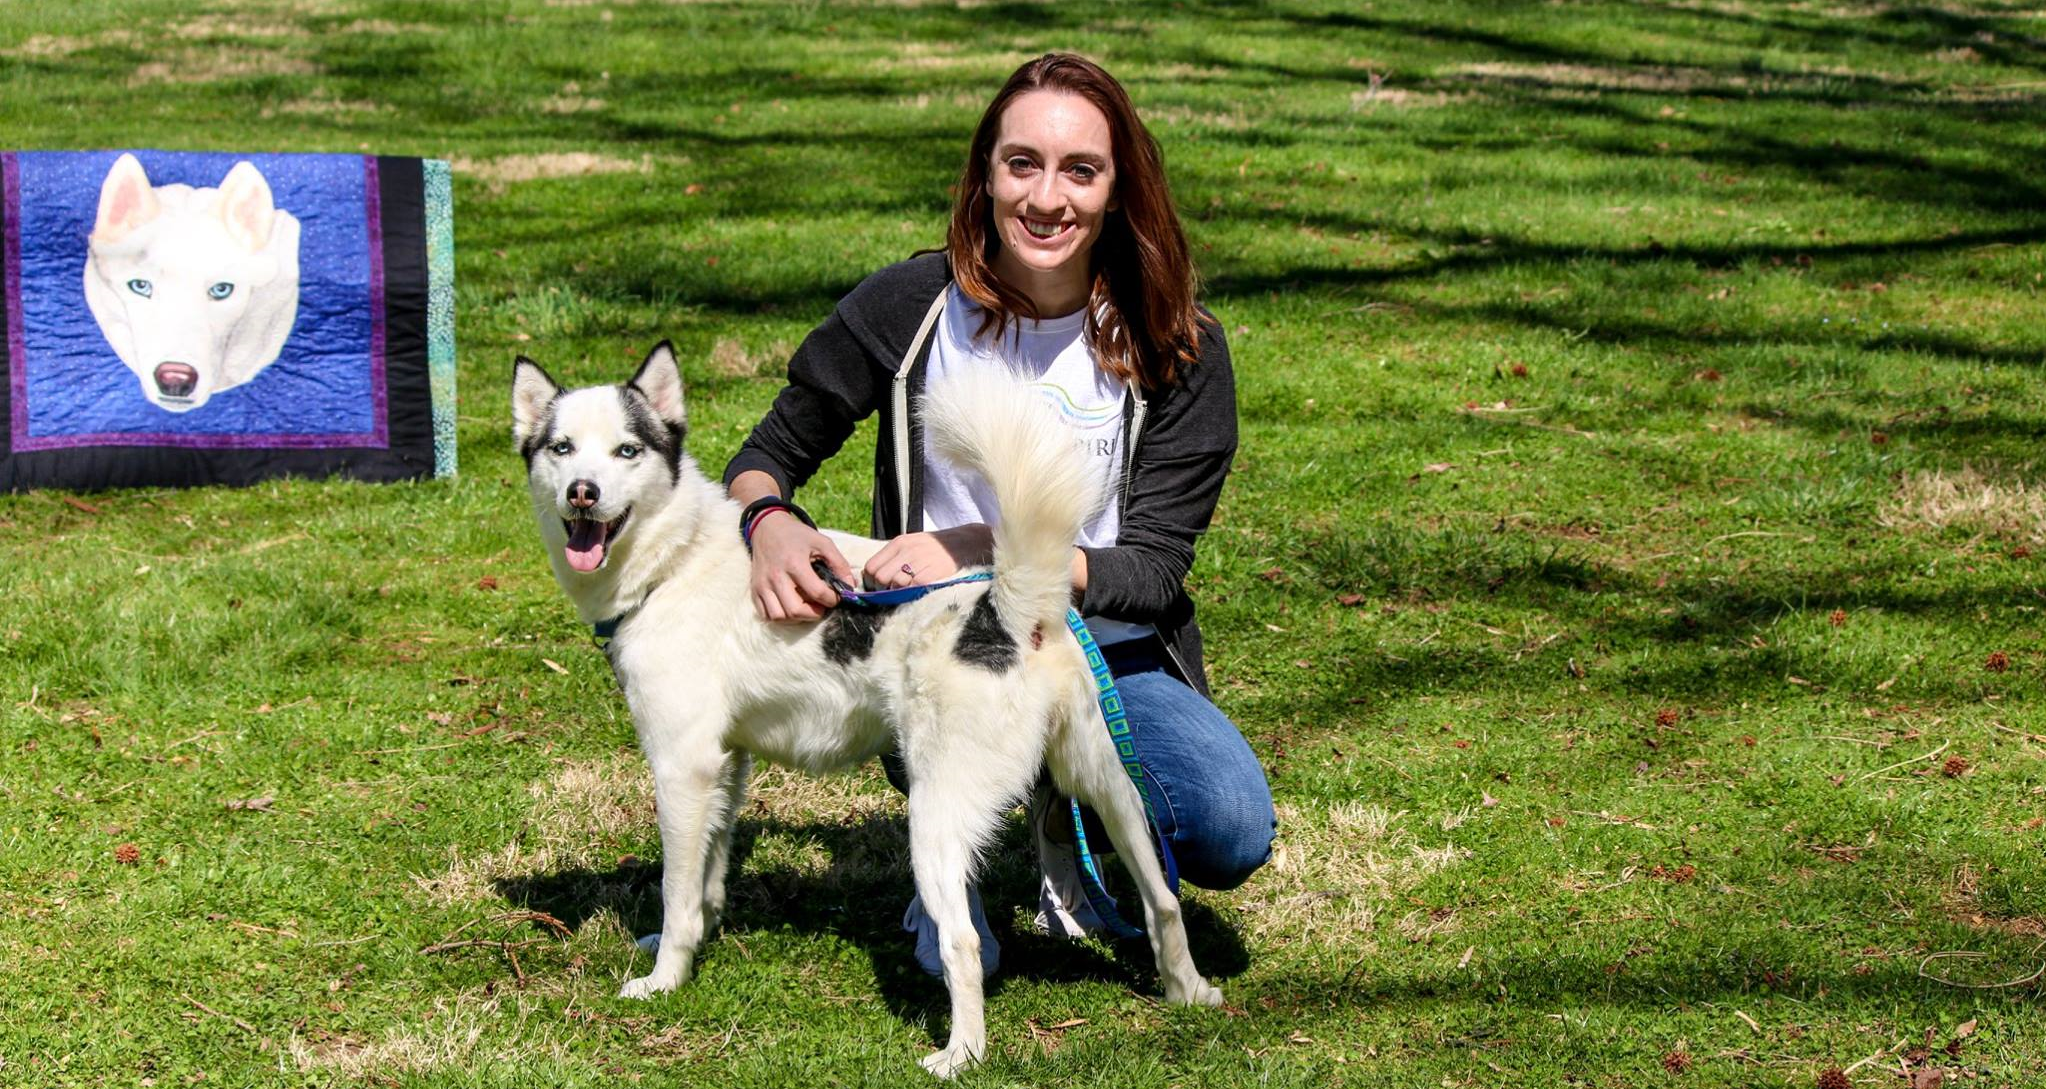 Volunteer Tori with ASR pup Perrie!